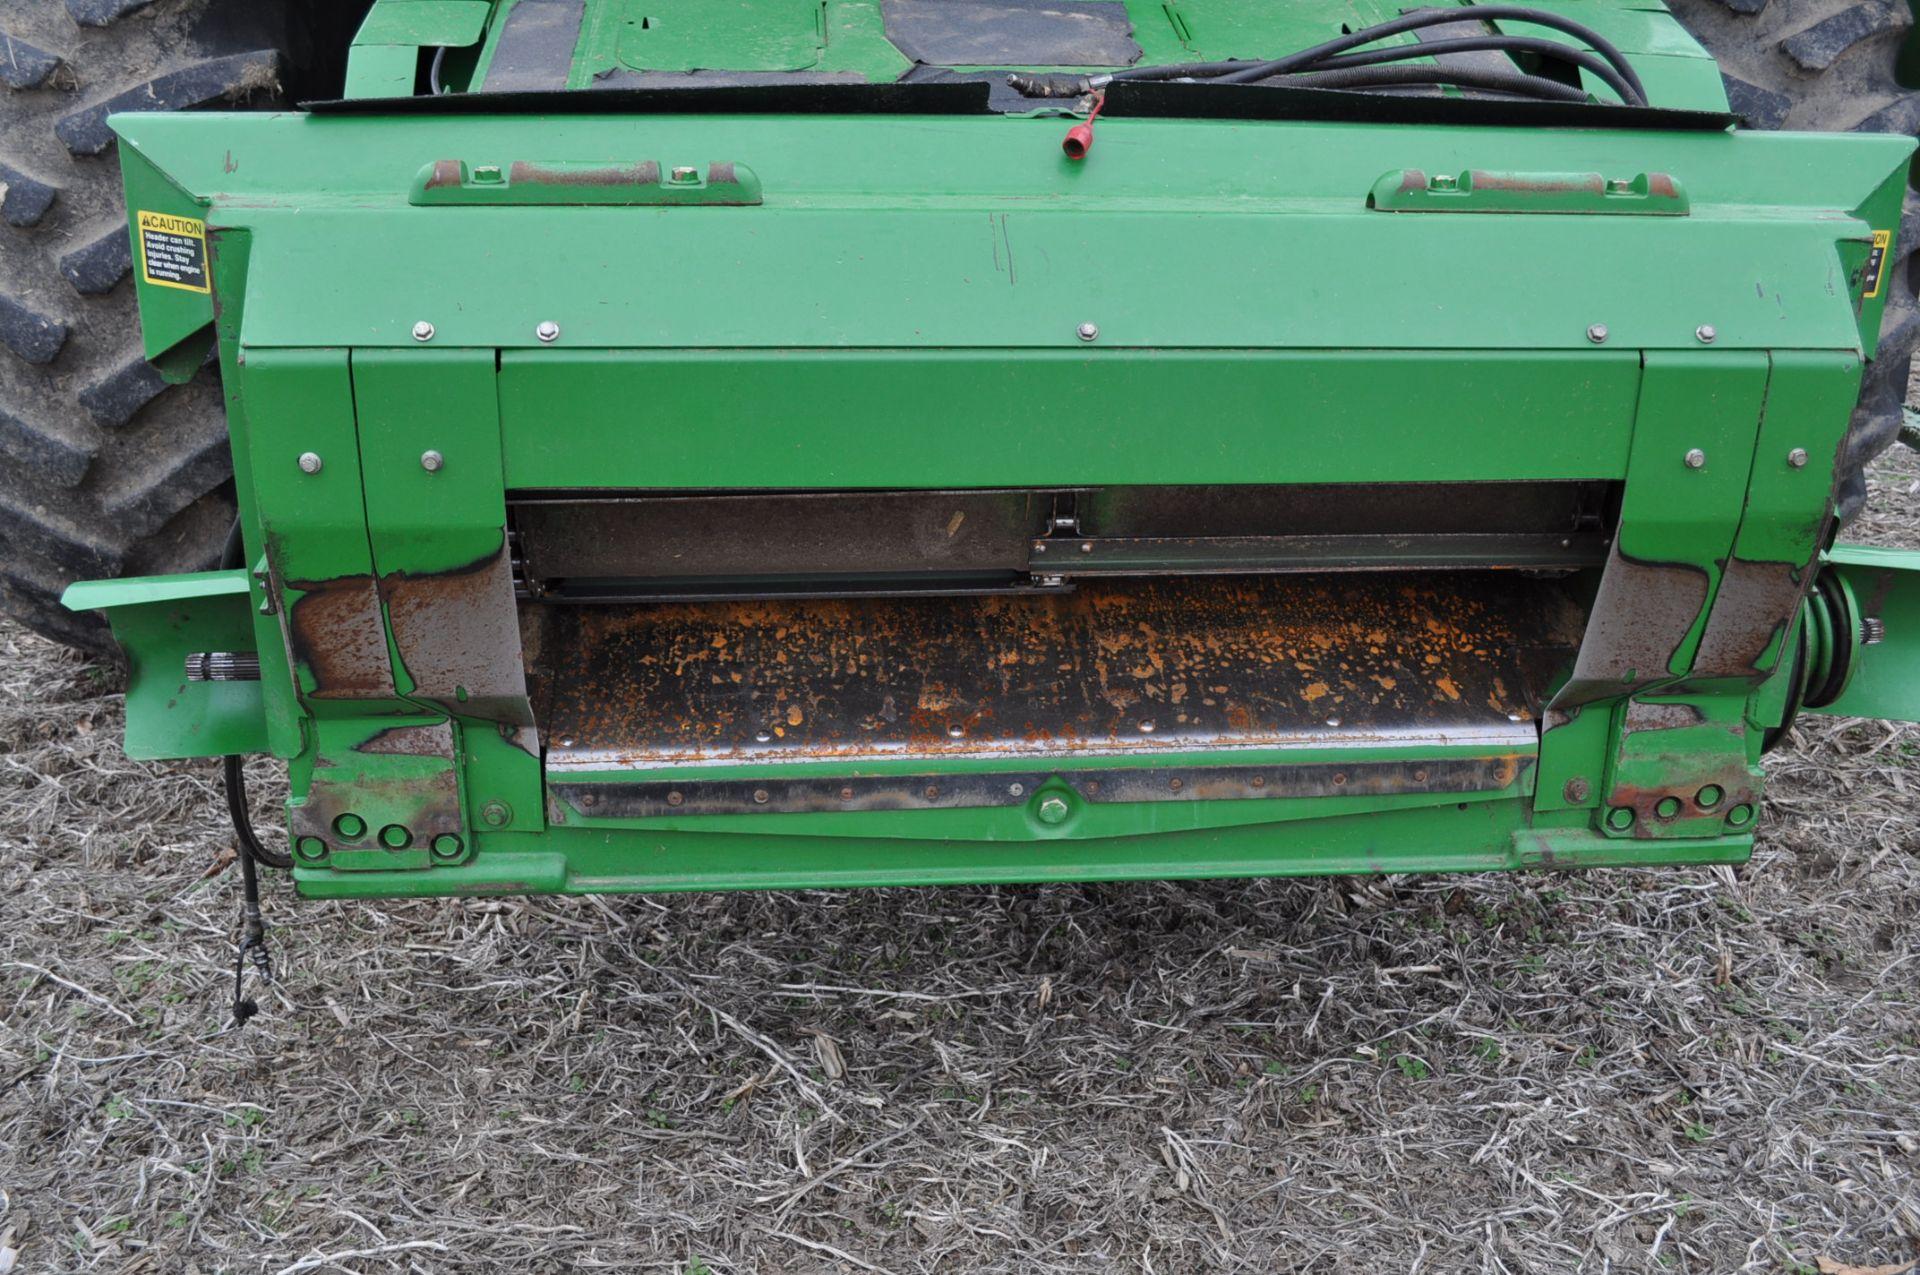 John Deere 9450 combine, 30.5-L32 drive, NEW 14.9-24 rear, chopper, chaff spreader, Mauer bin - Image 12 of 24